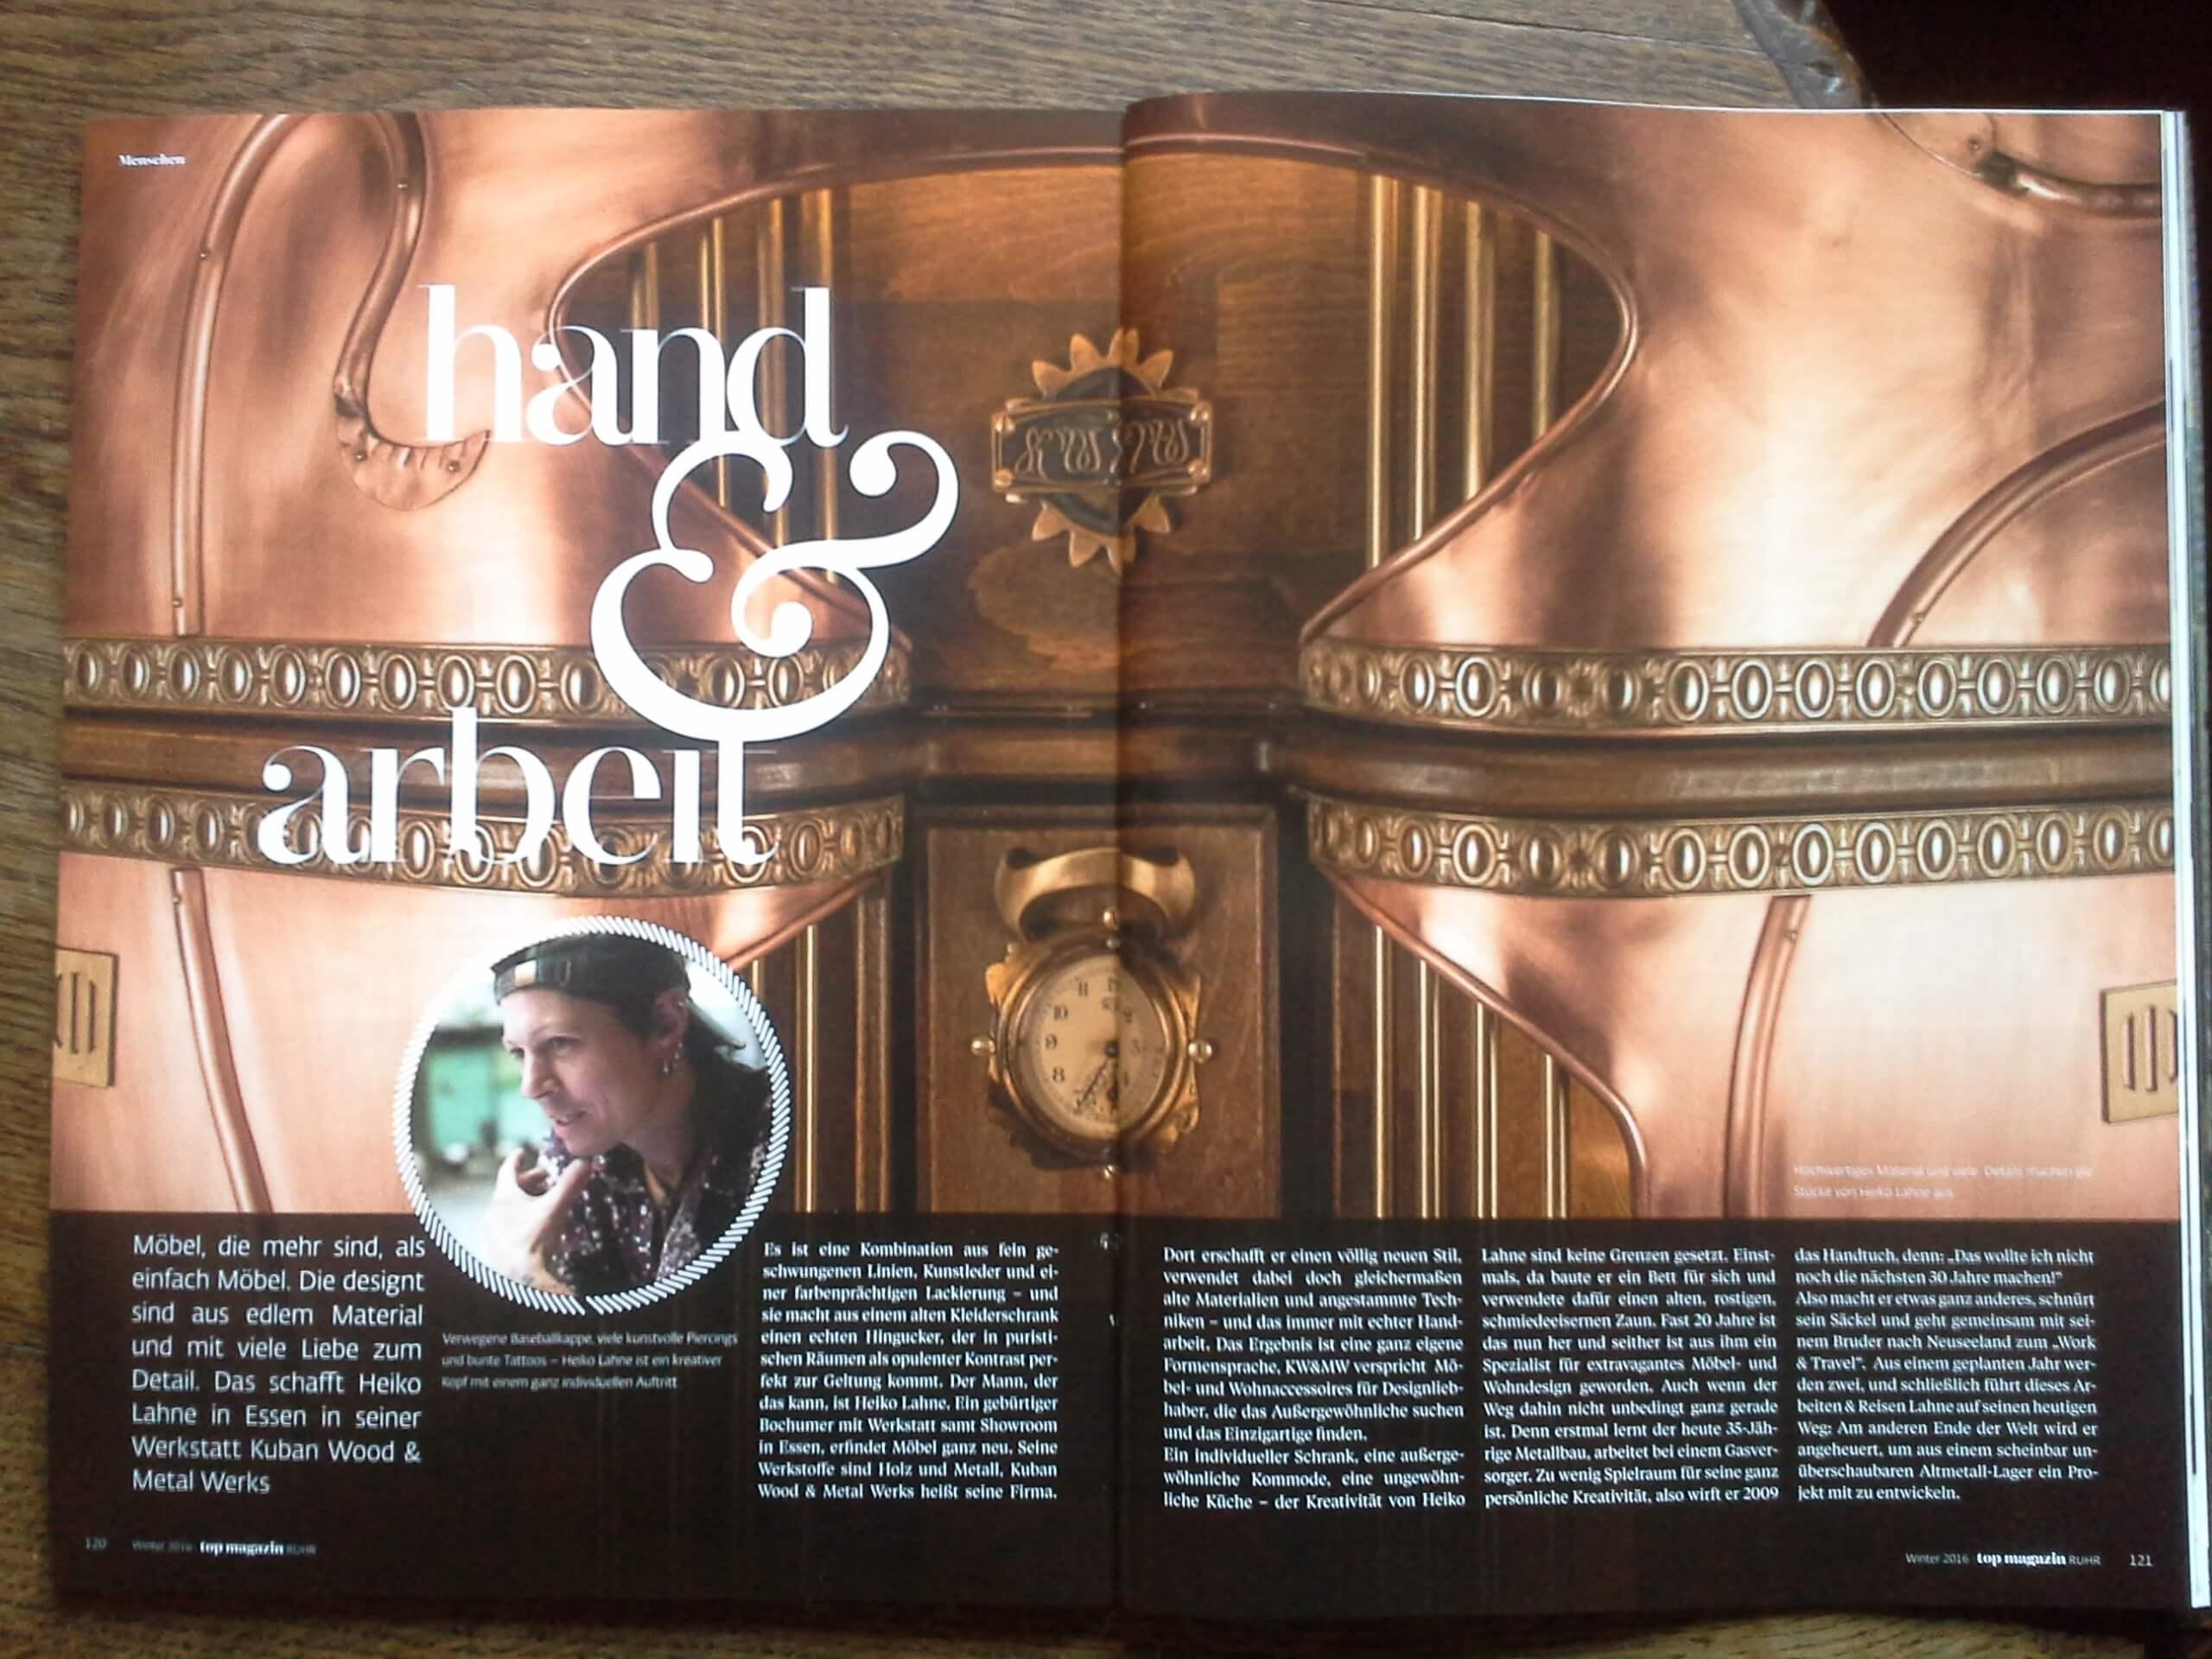 Hand und Arbeit Top Magazin Ruhr Heiko Lahne